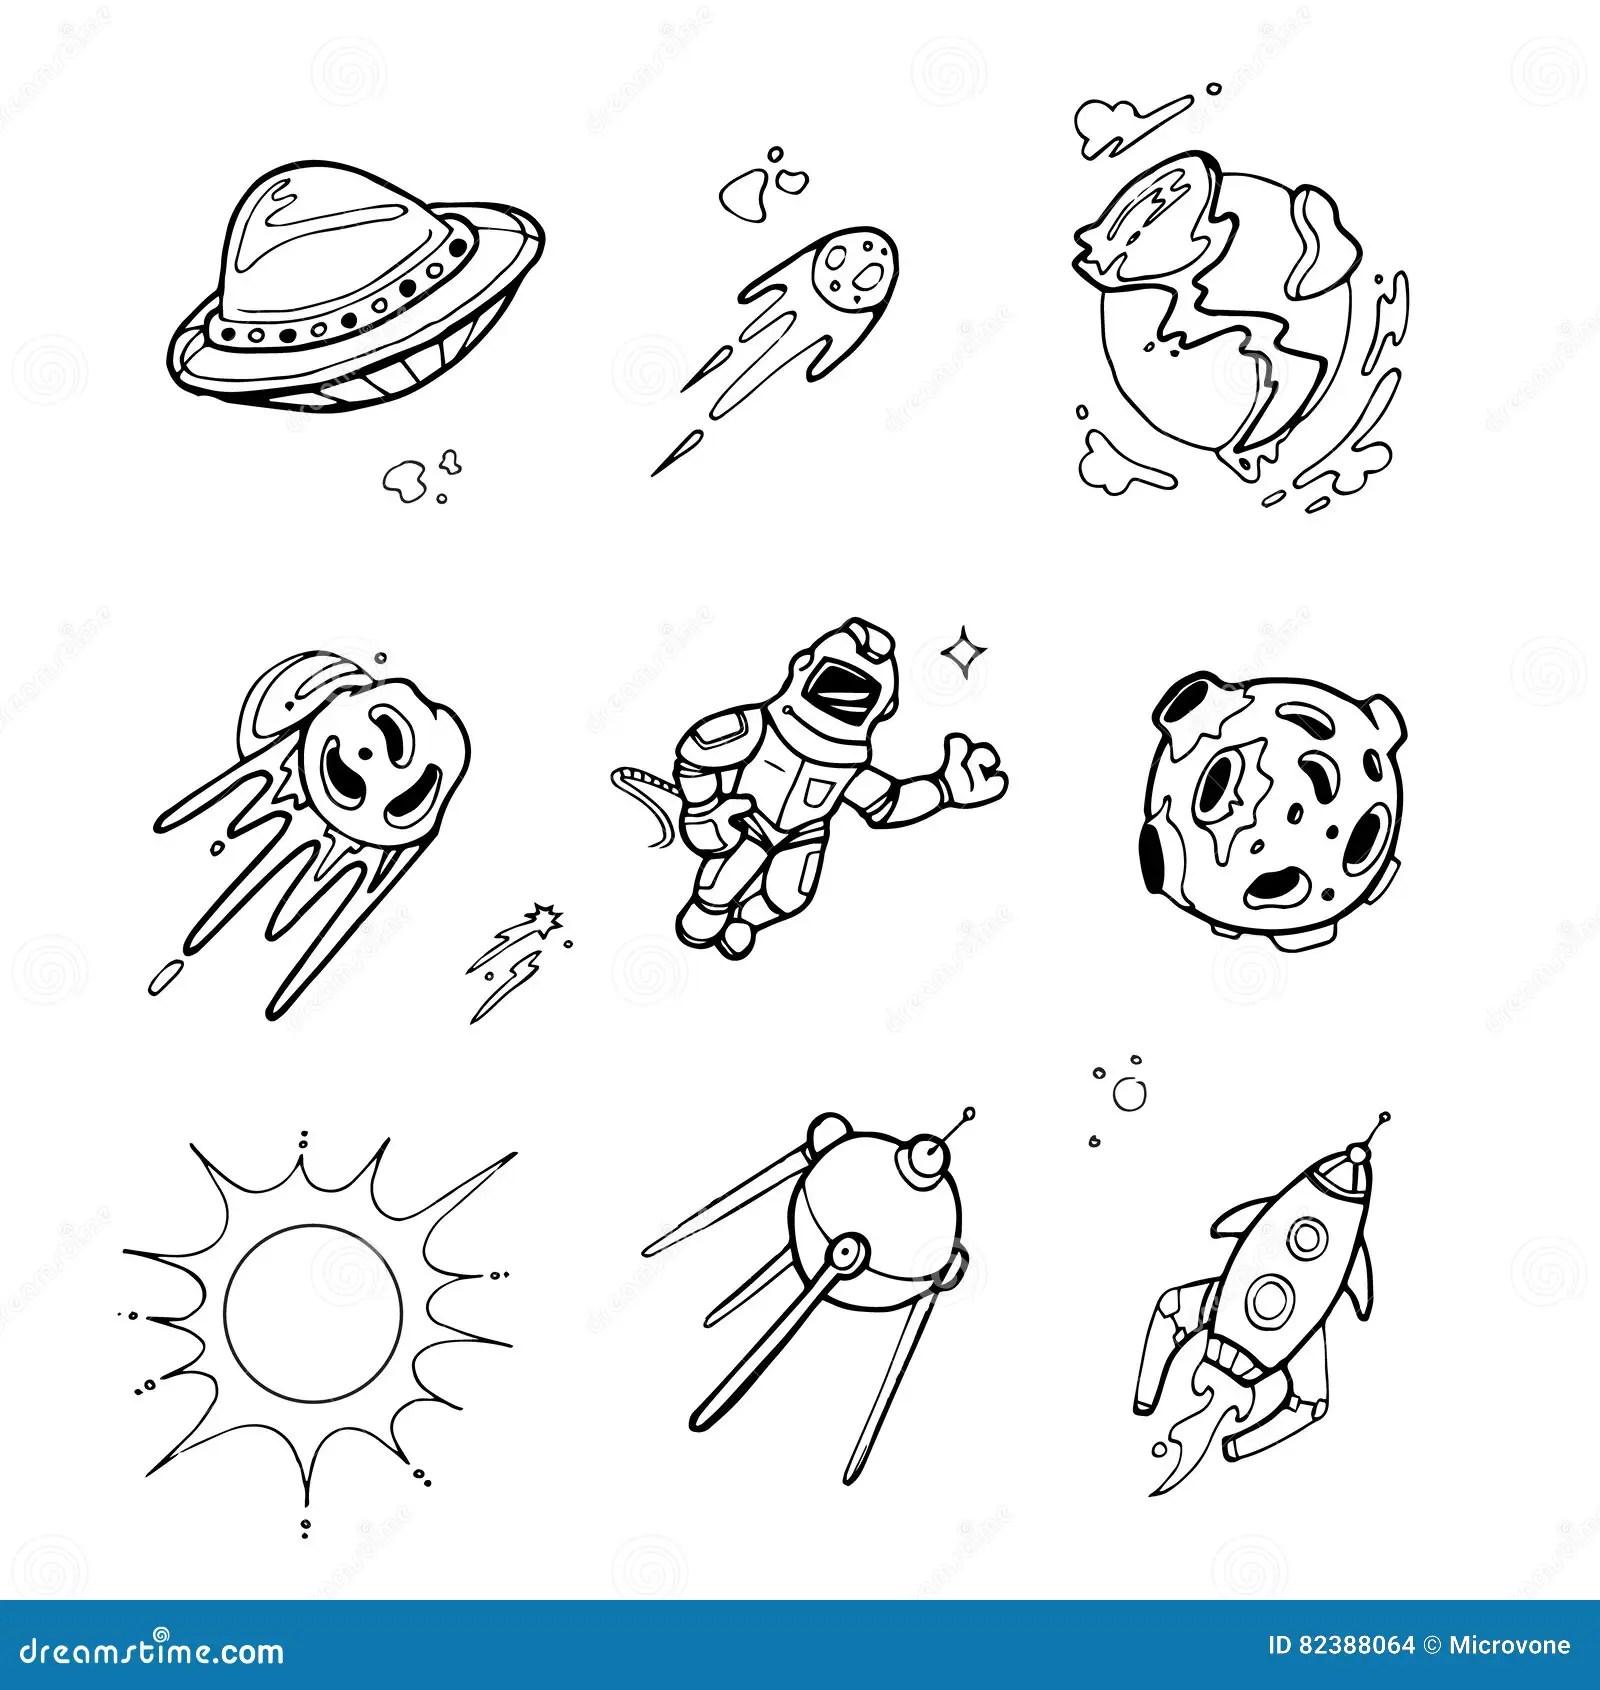 De Planeten Raketten Spaceships Ufo Sterren Astronaut